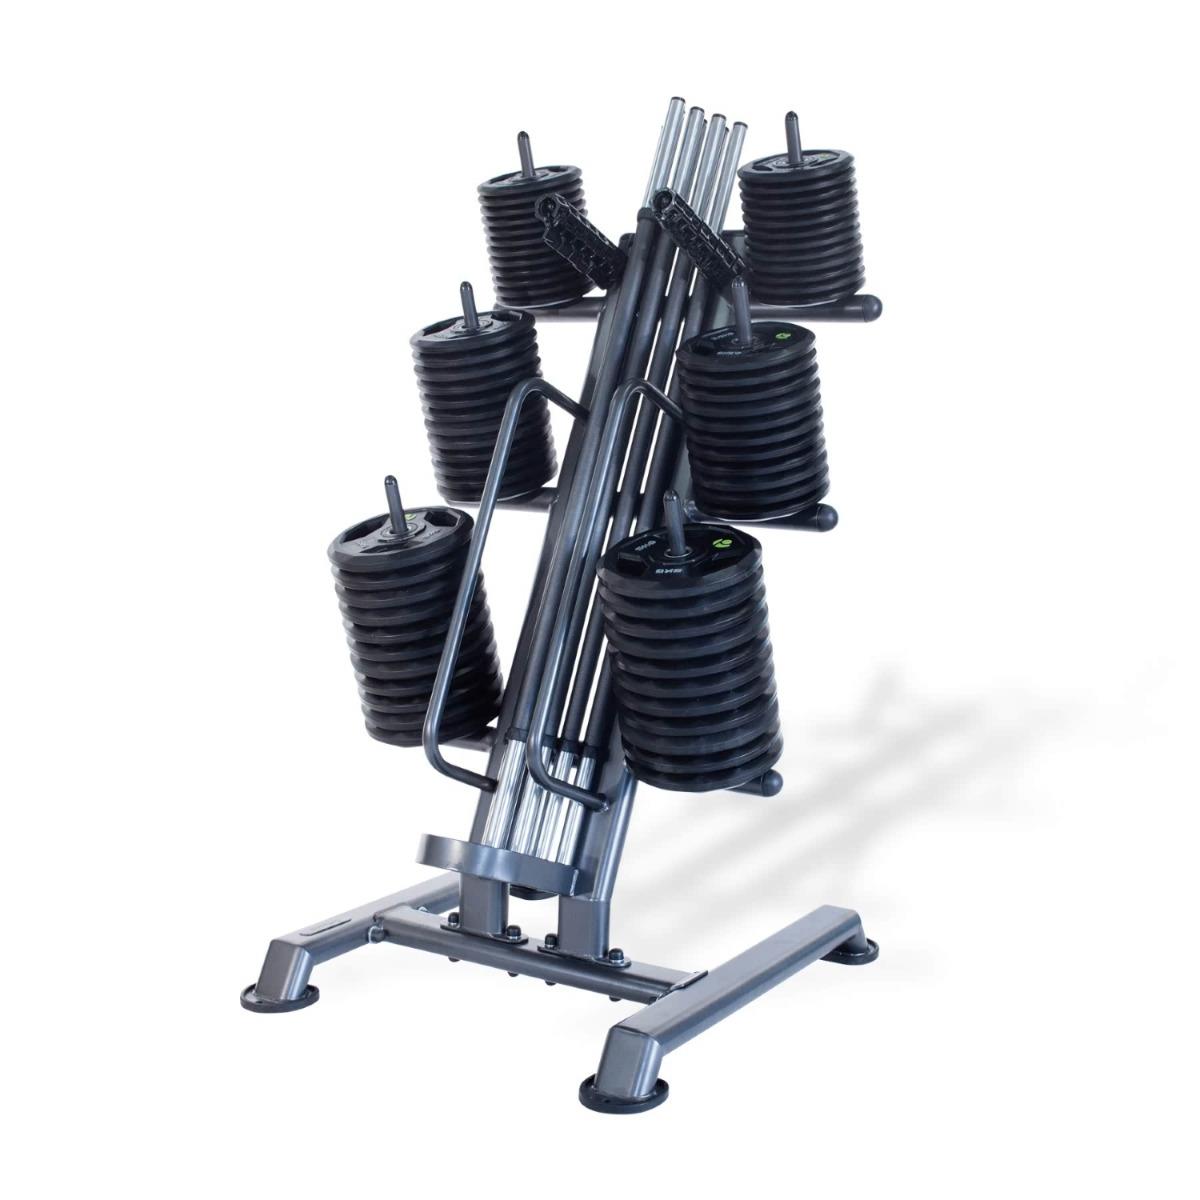 12 x Studio PU Pump Sets & Rack (Carbon Bar / Black Discs)